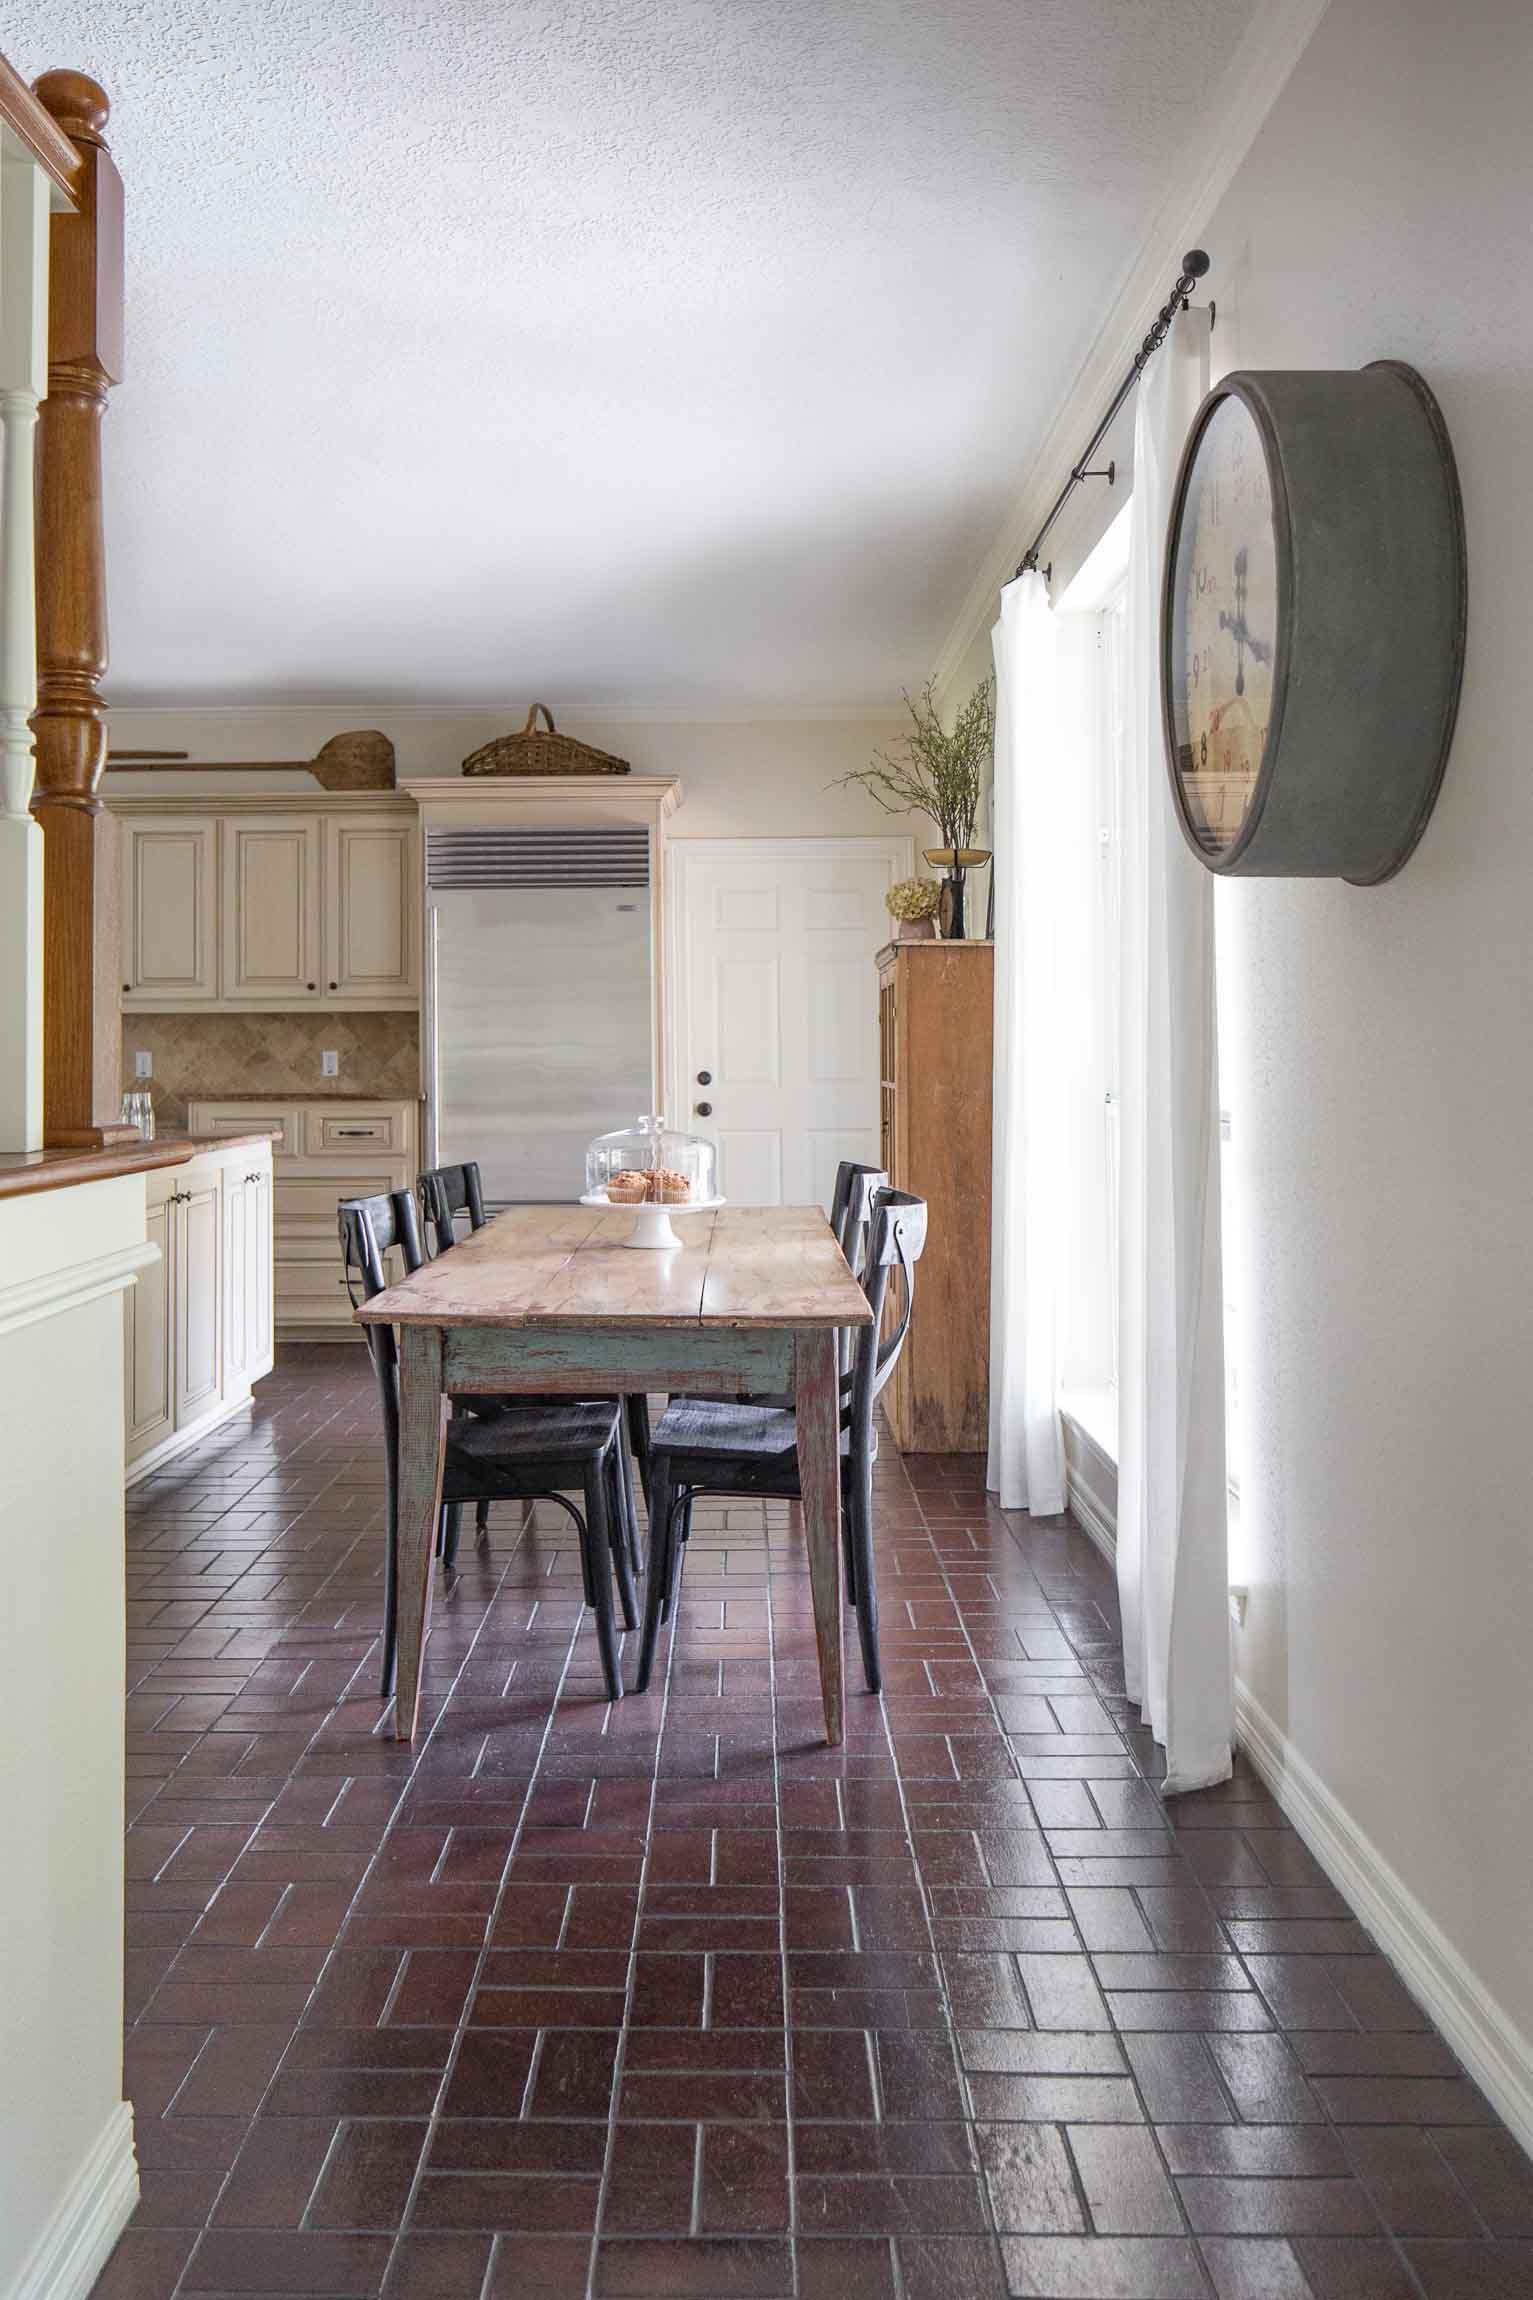 Moore House Interiors Tomball Metz00005.jpg